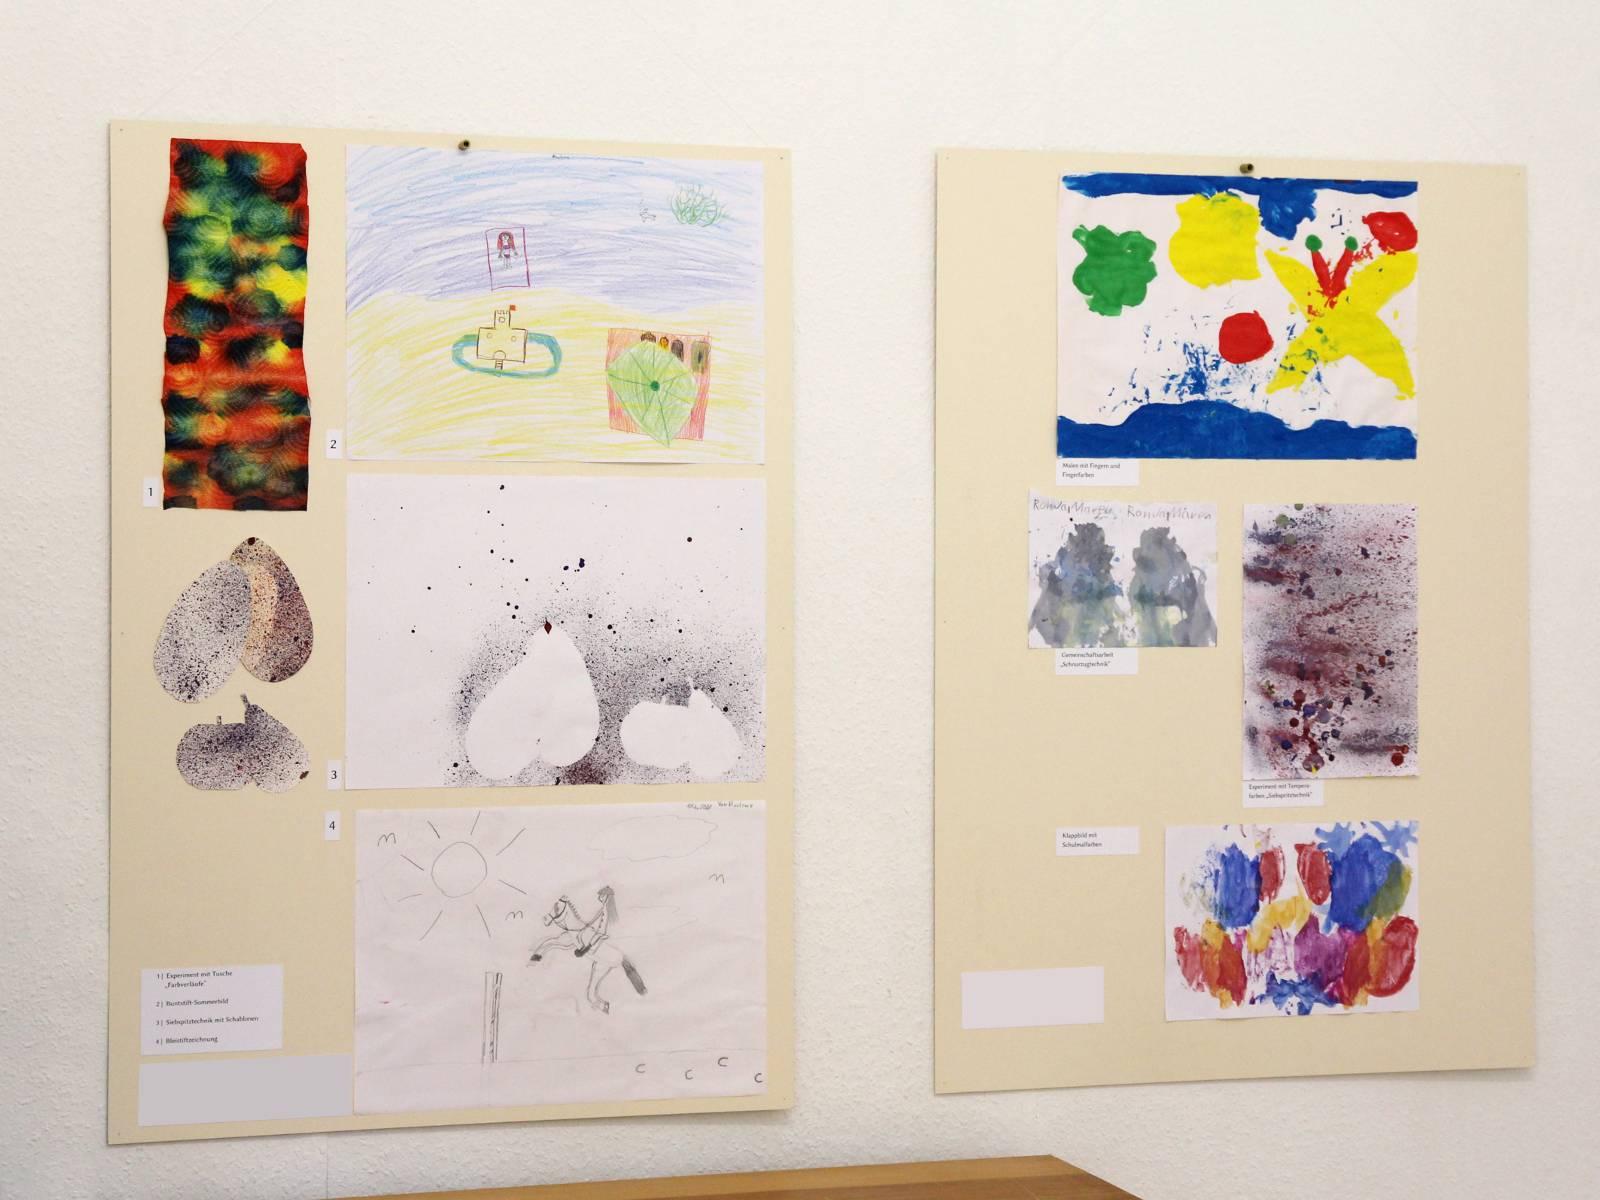 Kunstgespuer Kinderatelier-Ausstellung Betrachtungen 01 Kunsttechniken